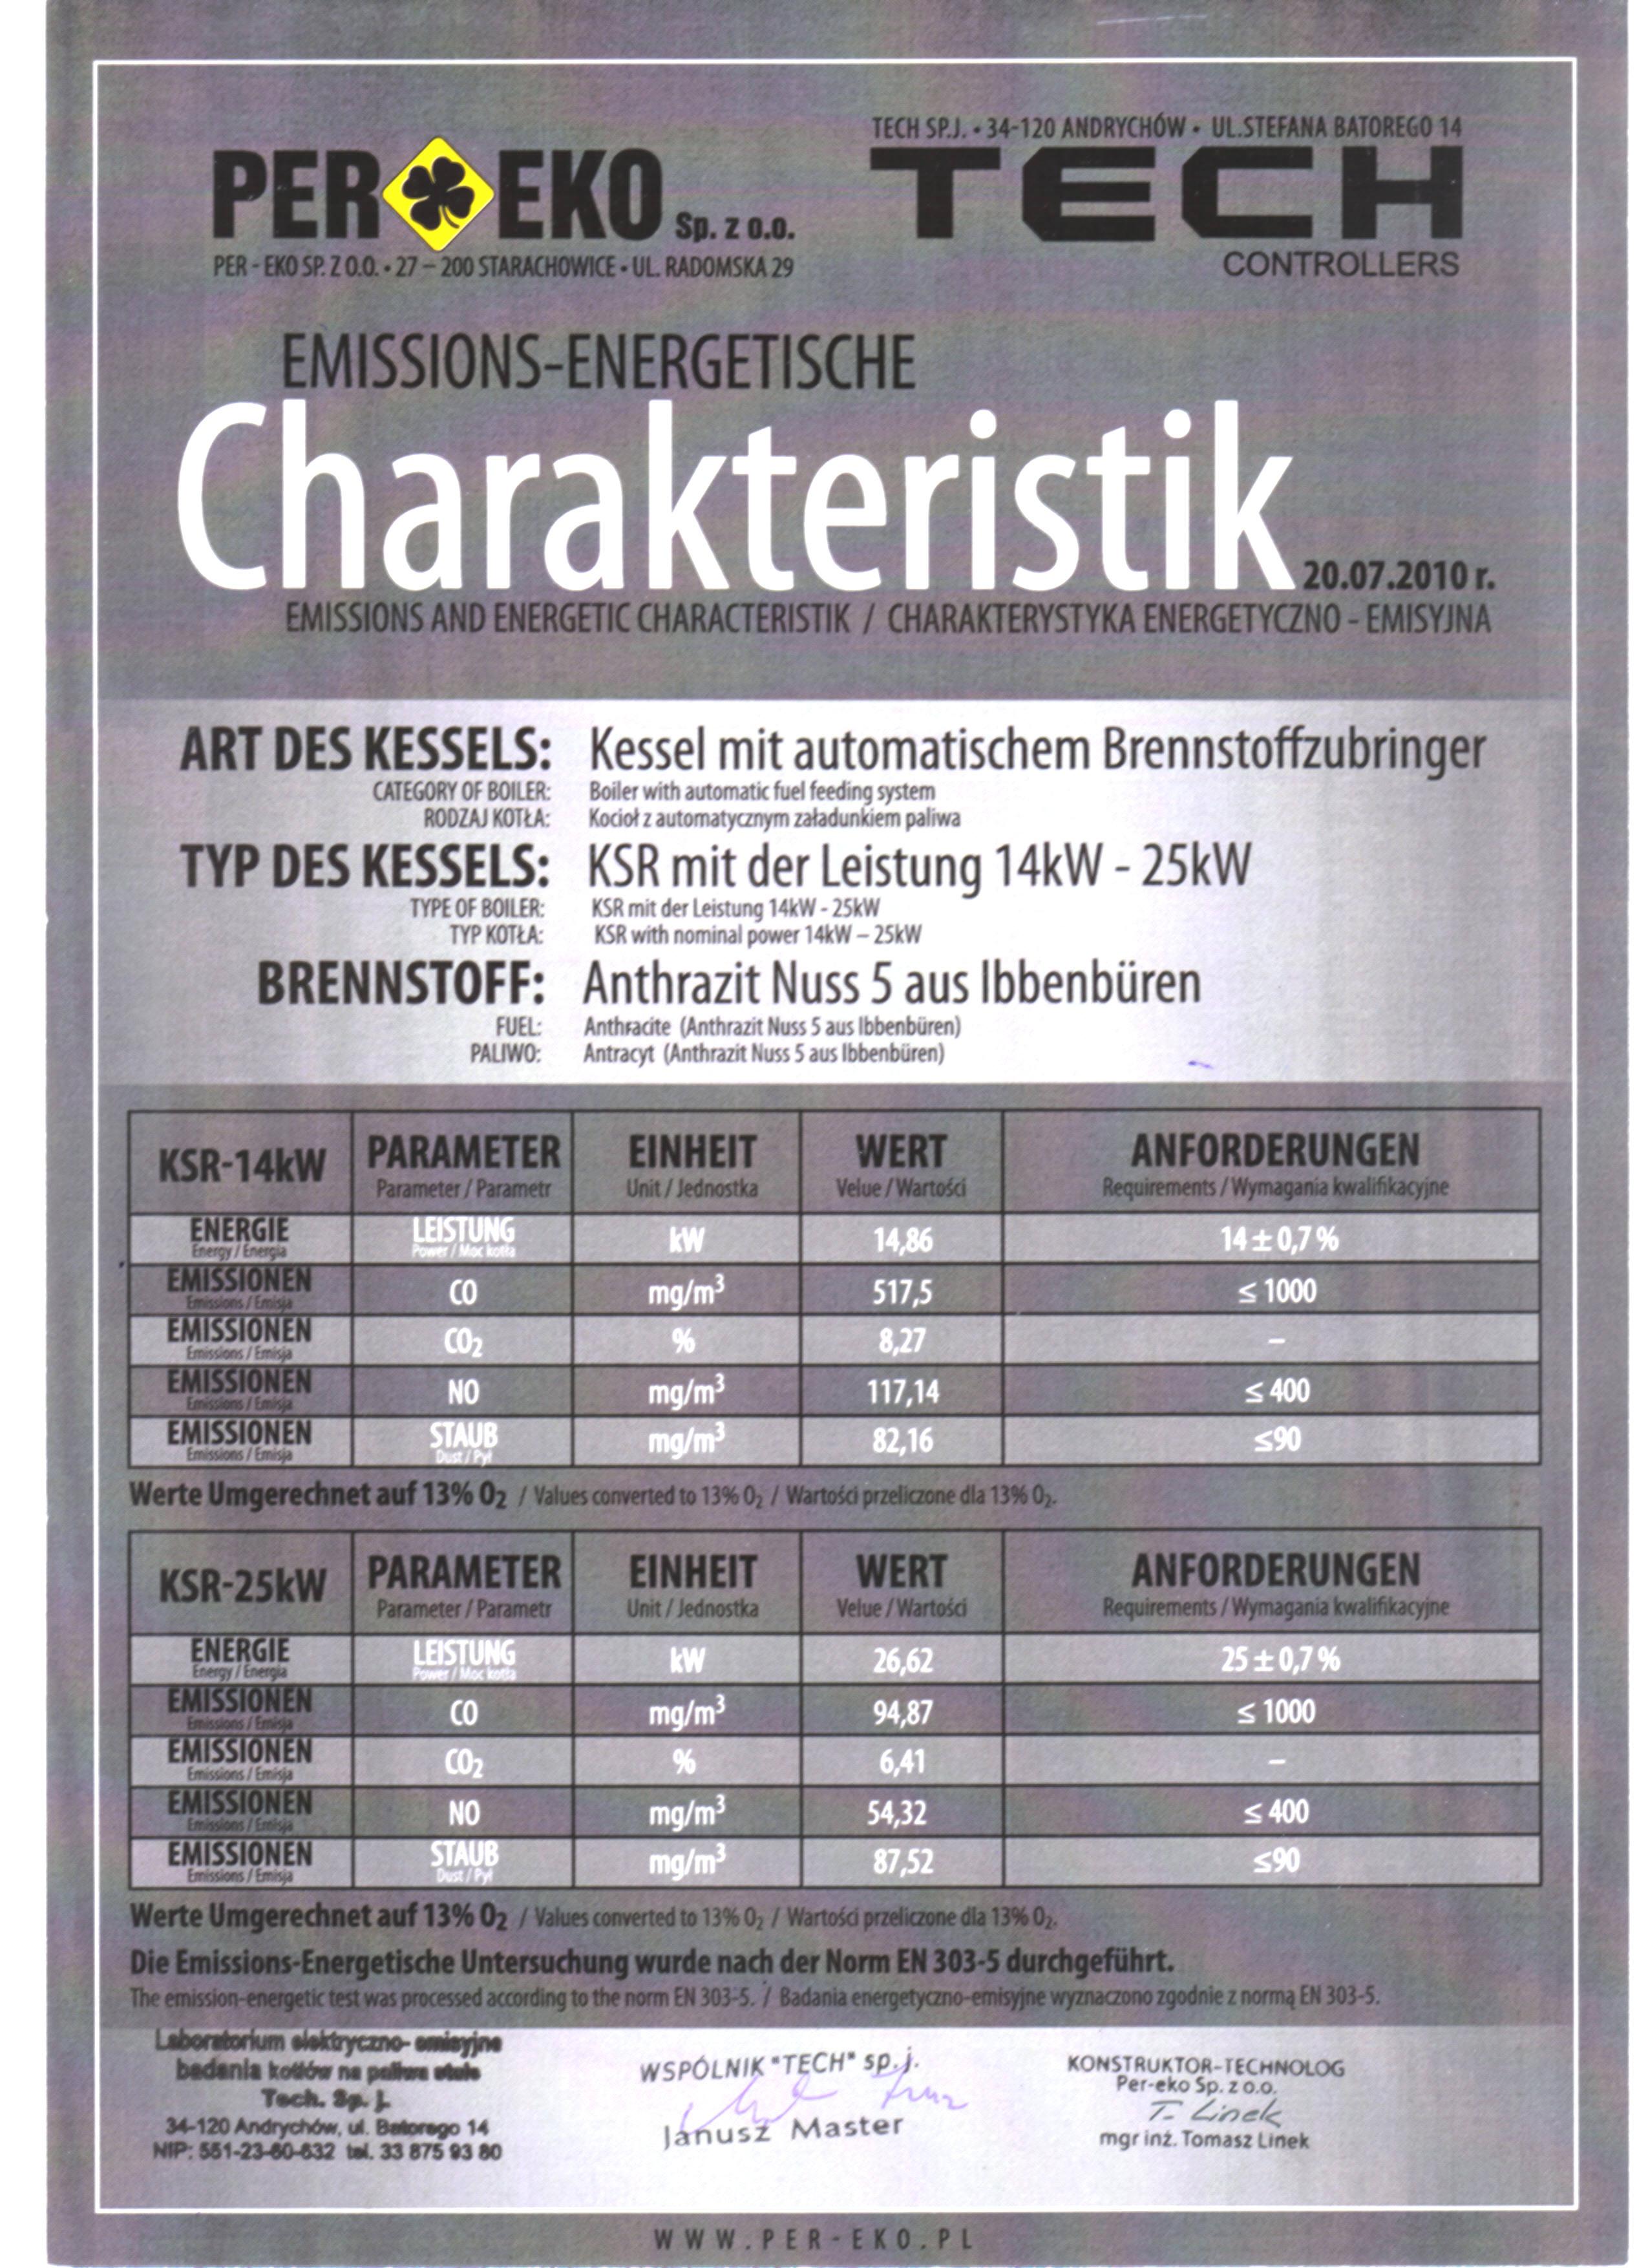 Feuerungstechnik Reichert - Per Eko KSR 14KW